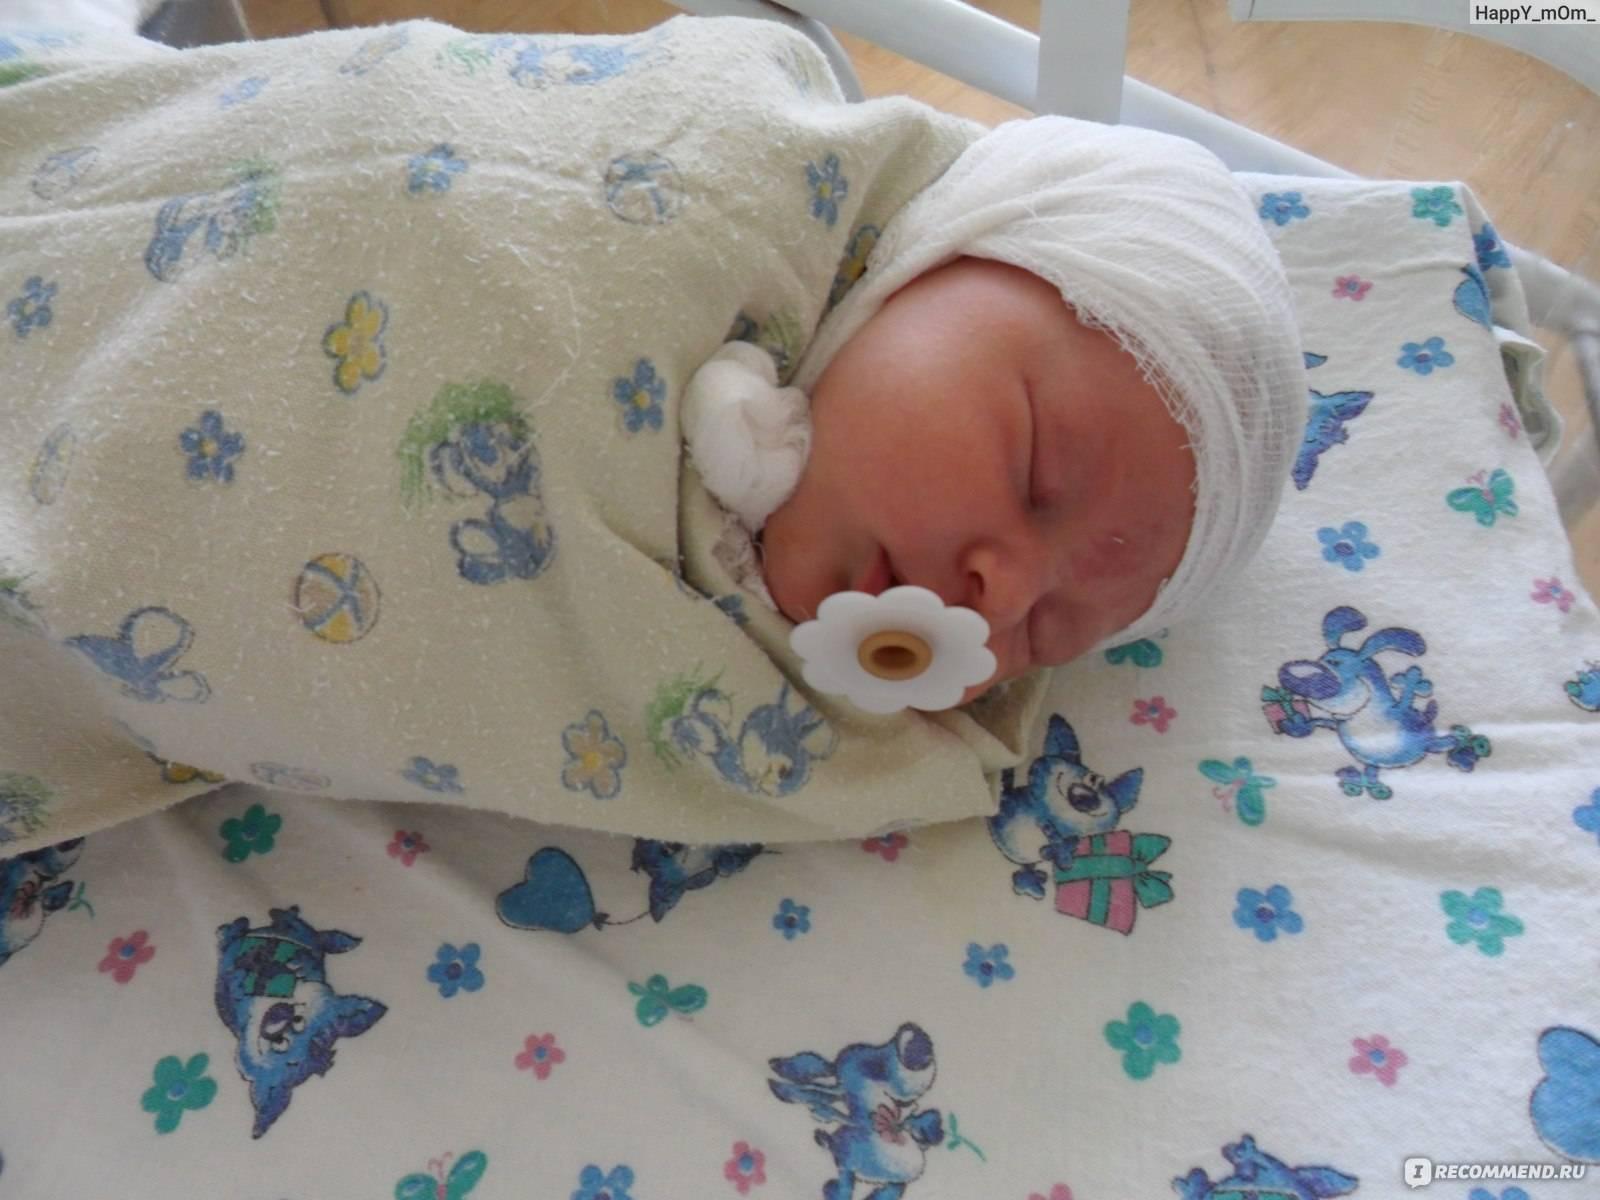 Кефалогематома у новорождённого — причины и последствия. что делать при кефалогематоме у новорождённого